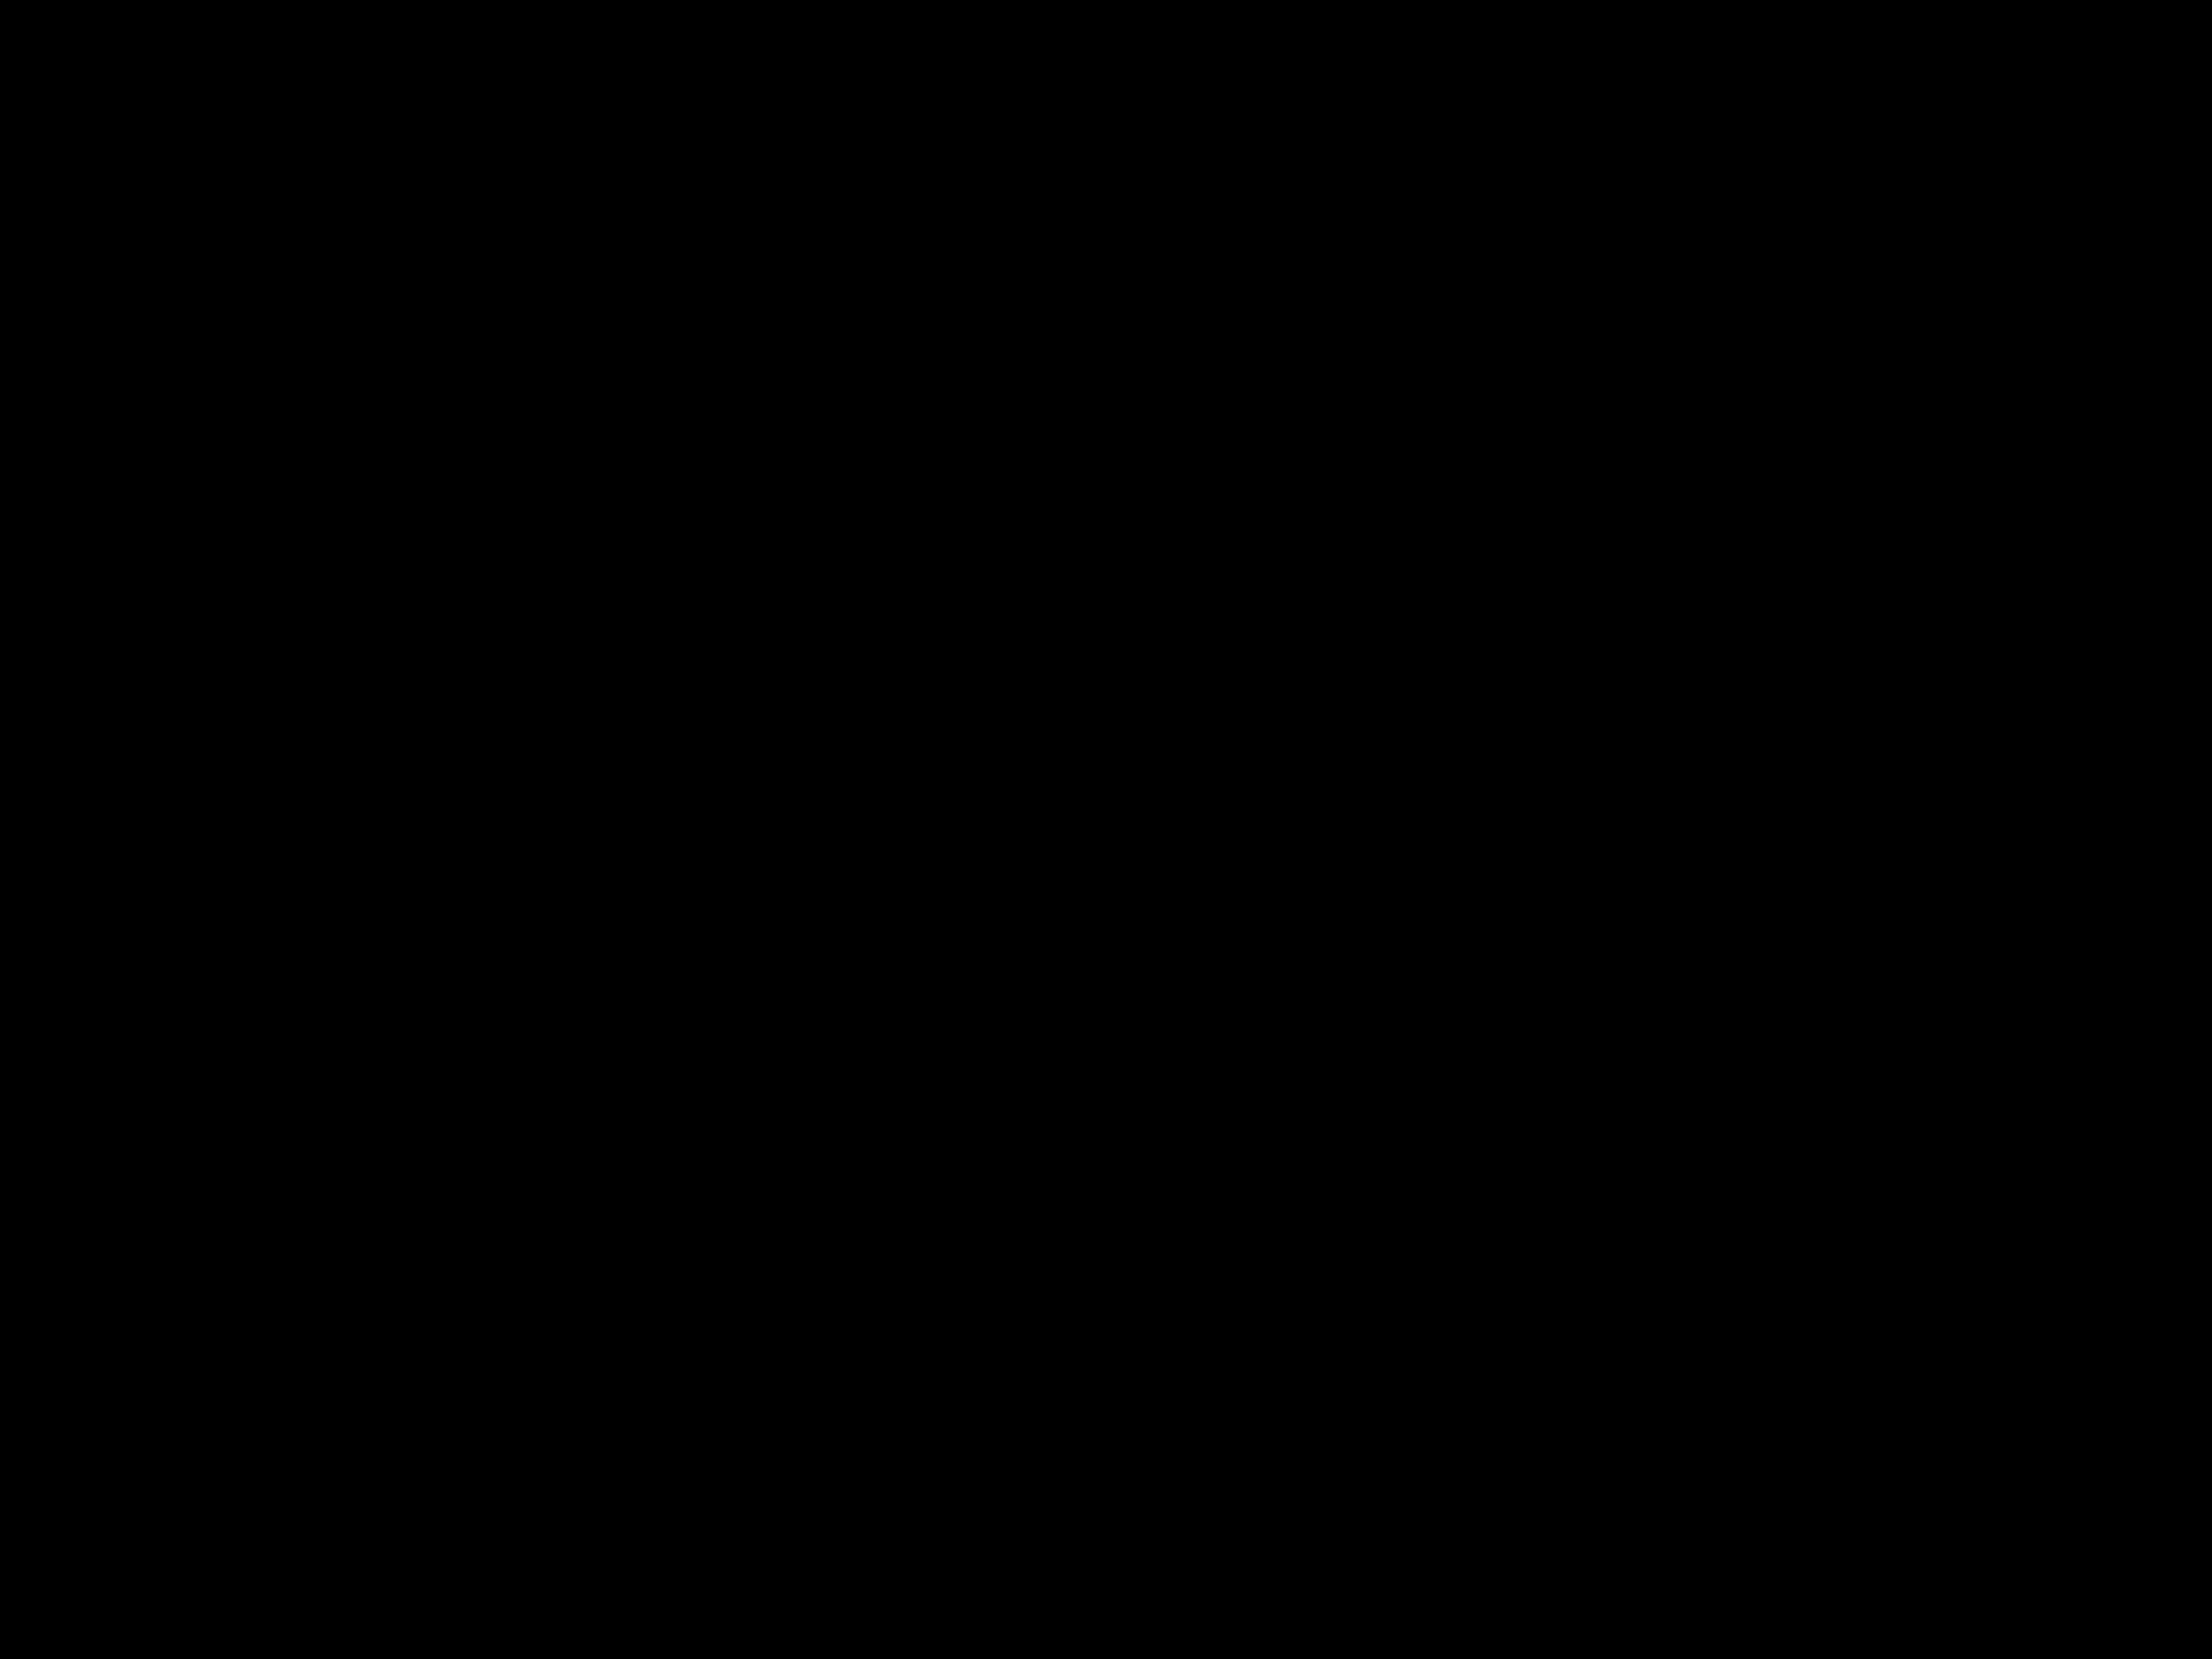 2017 Official Selection Laurels Black-CMYK-01.png